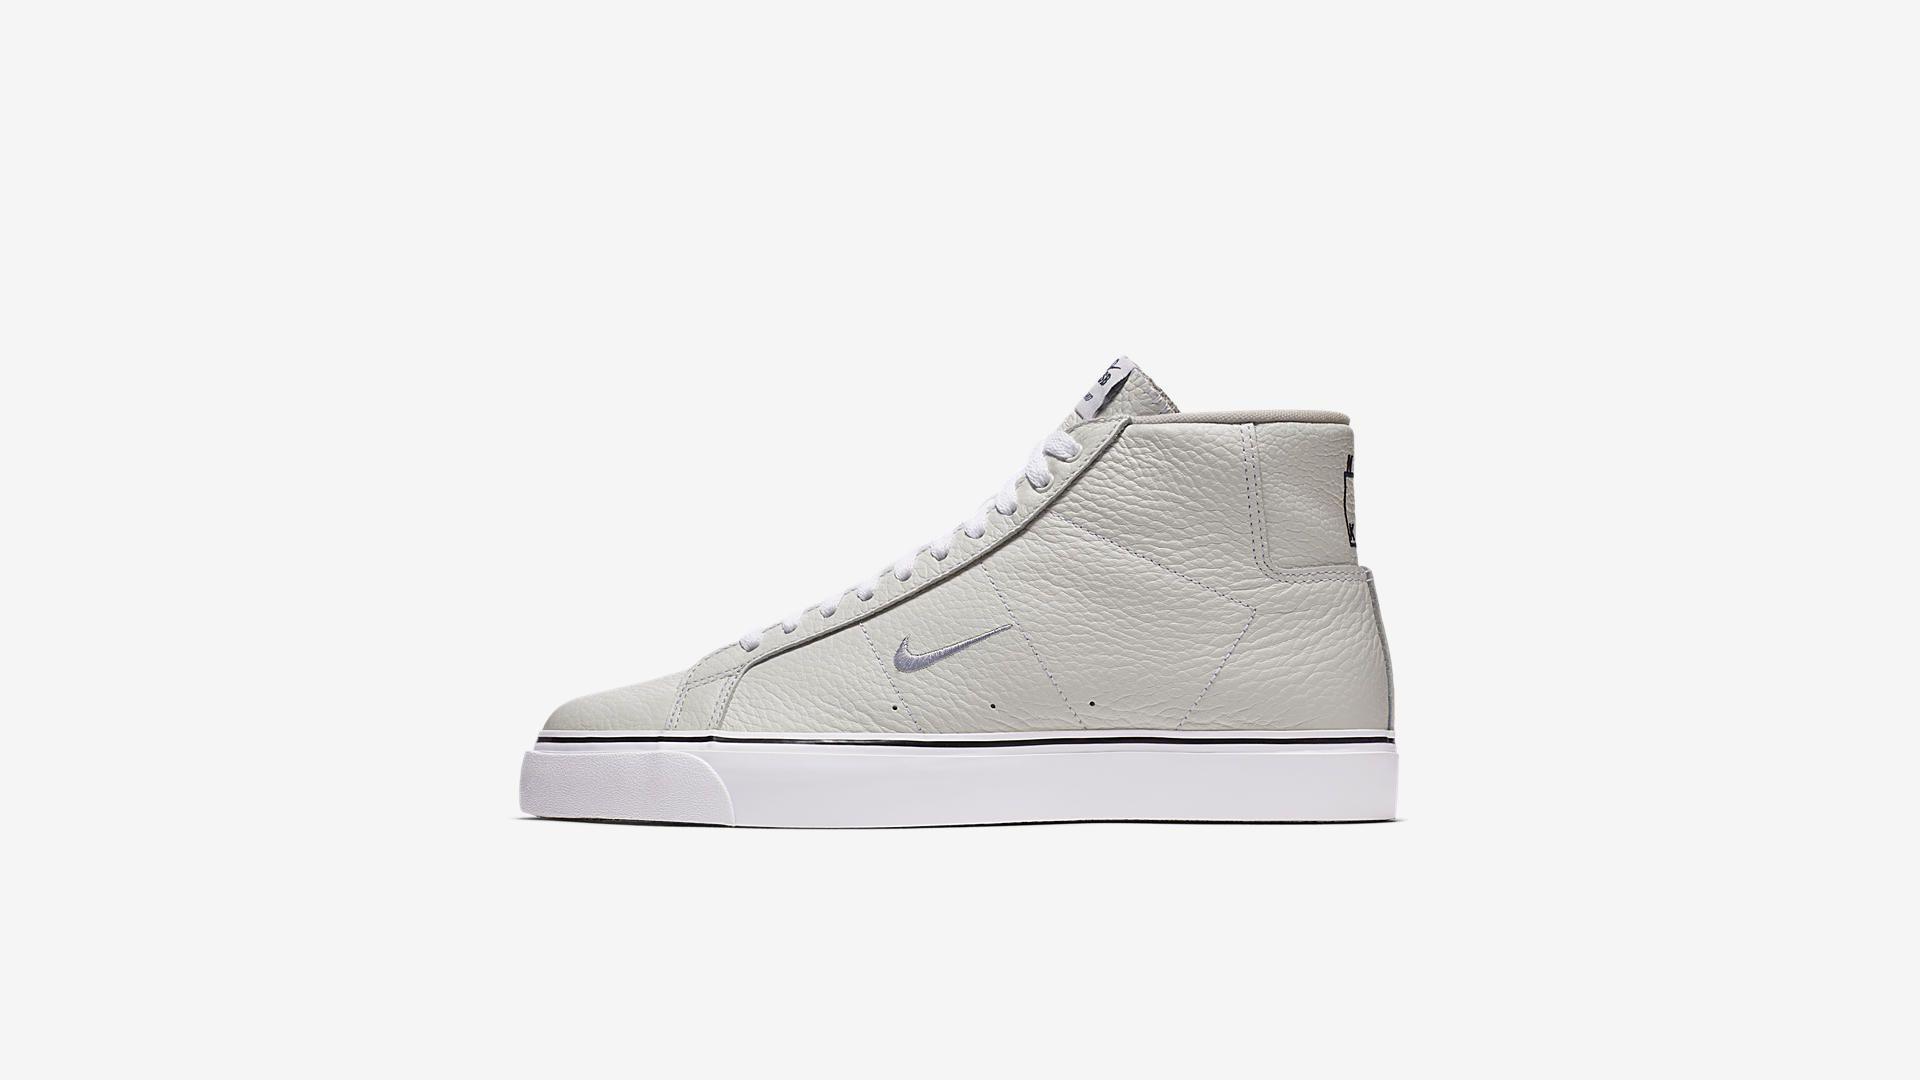 SB Blazer Mid by Nike + WKND. $90